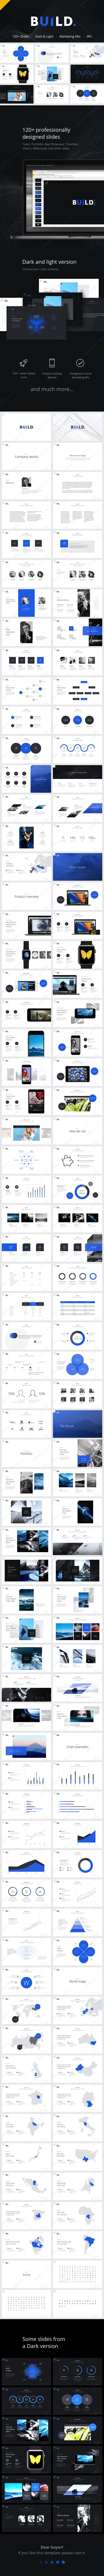 BUILD Google Slides Presentation Template - Google Slides Presentation Templates